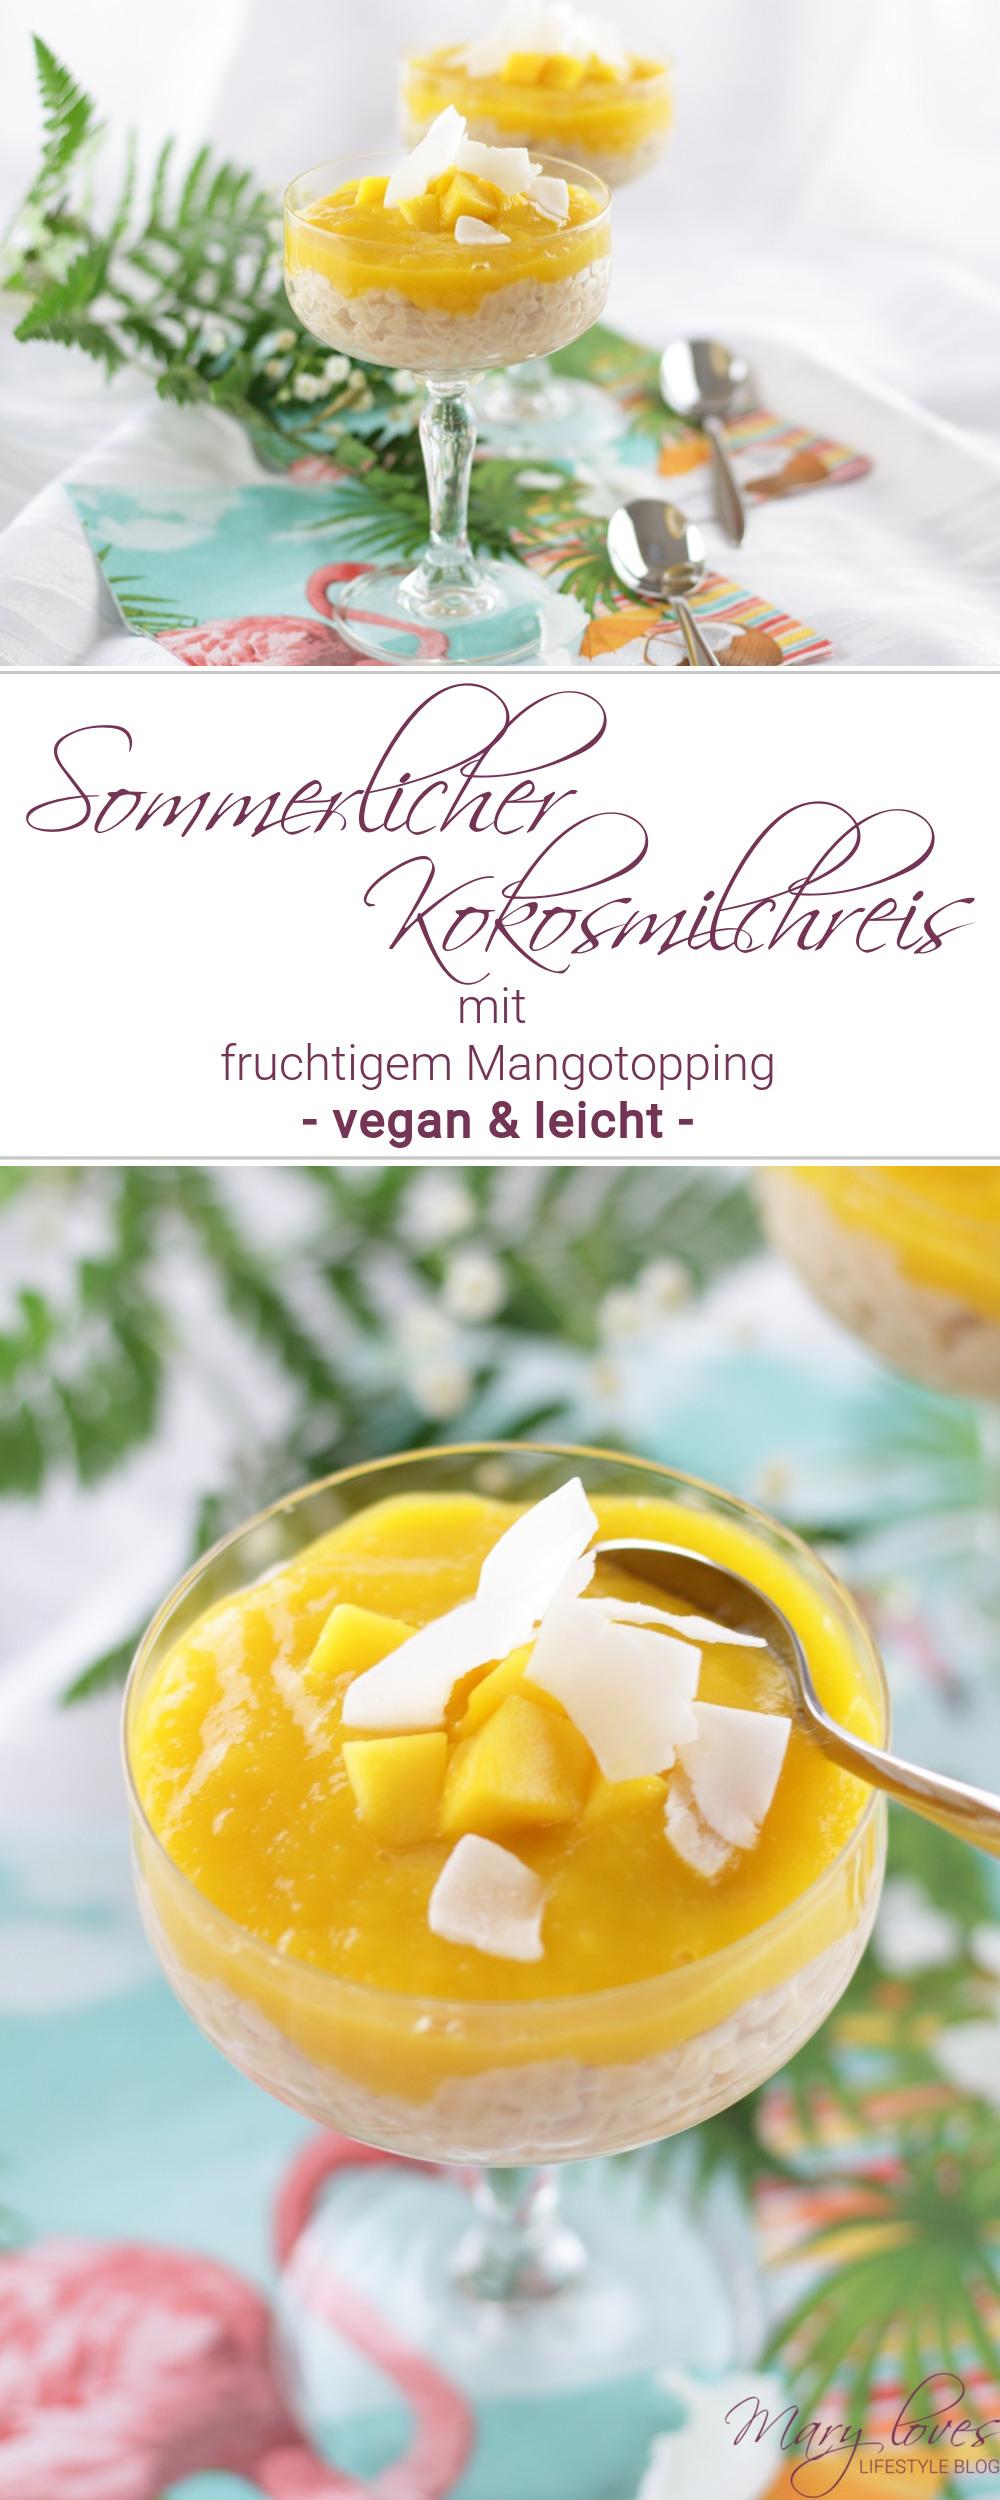 Sommerlicher Kokosmilchreis mit fruchtigem Mangotopping - #dessert #milchreis #kokosmilchreis #vegan #mango #mangomilchreis #sommerdessert #kokos #mangotopping #rezept #tropisch